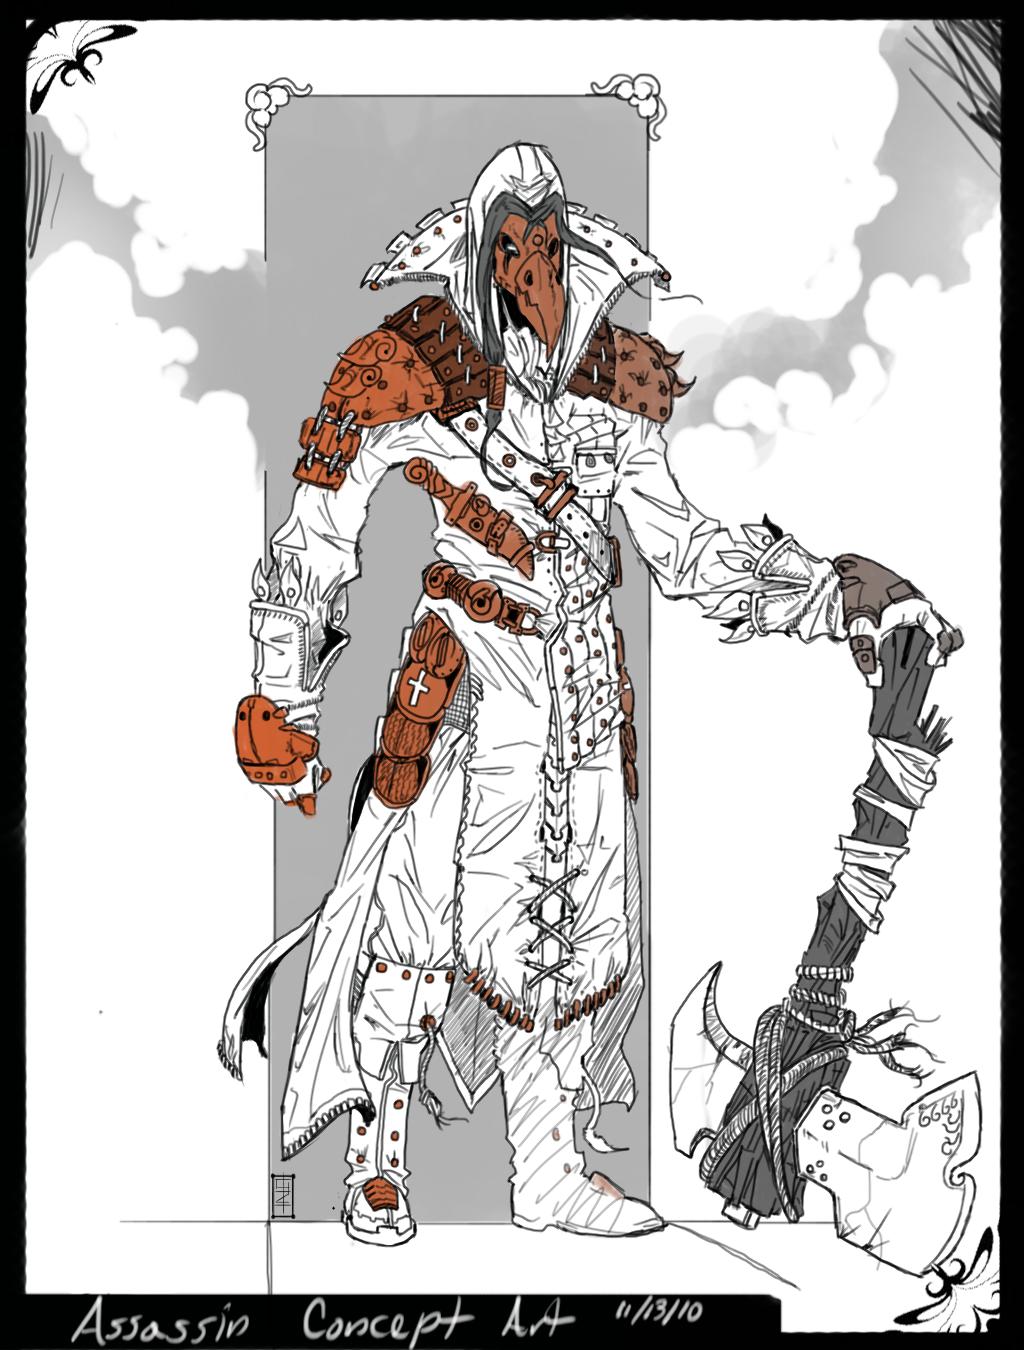 Axe Assassin